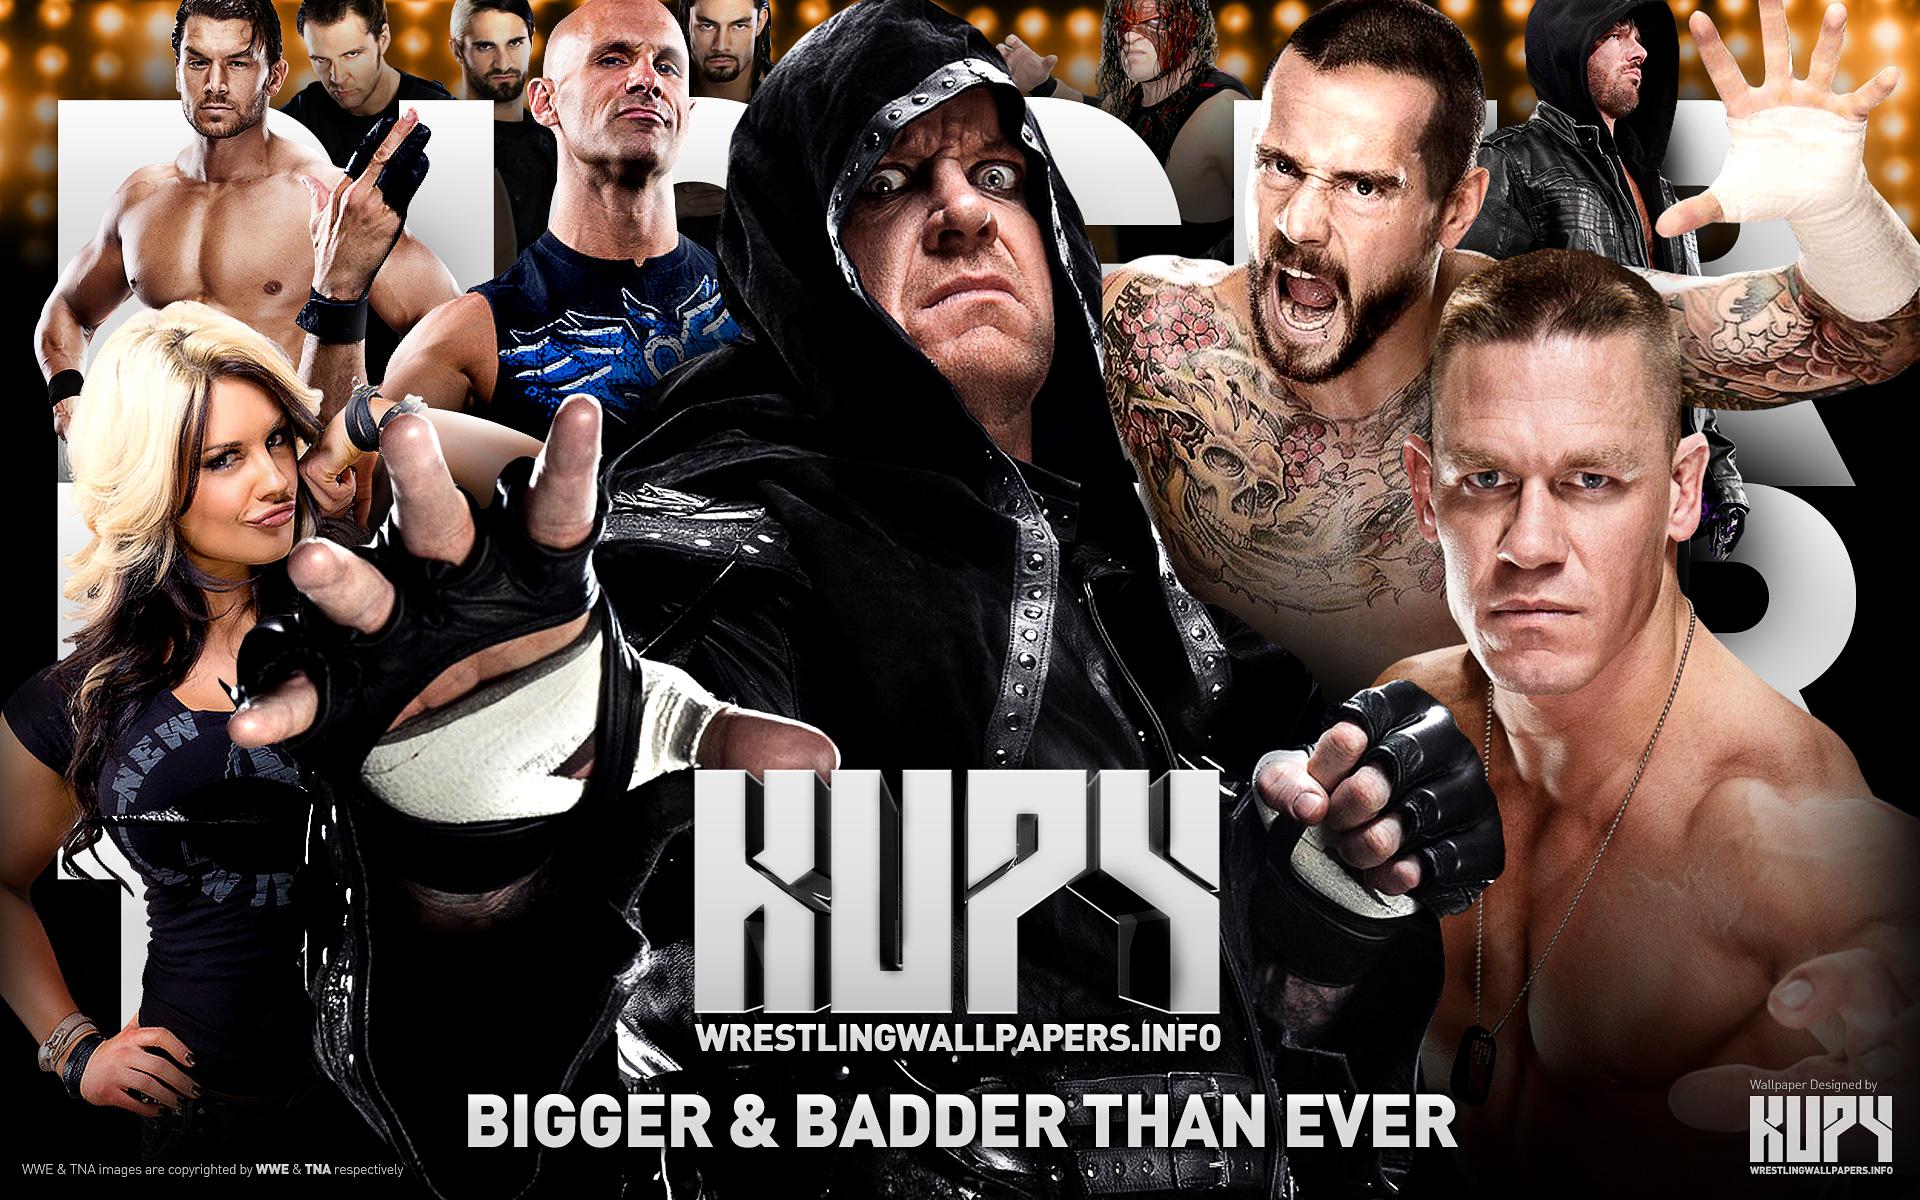 Kupy Wrestling Fondos